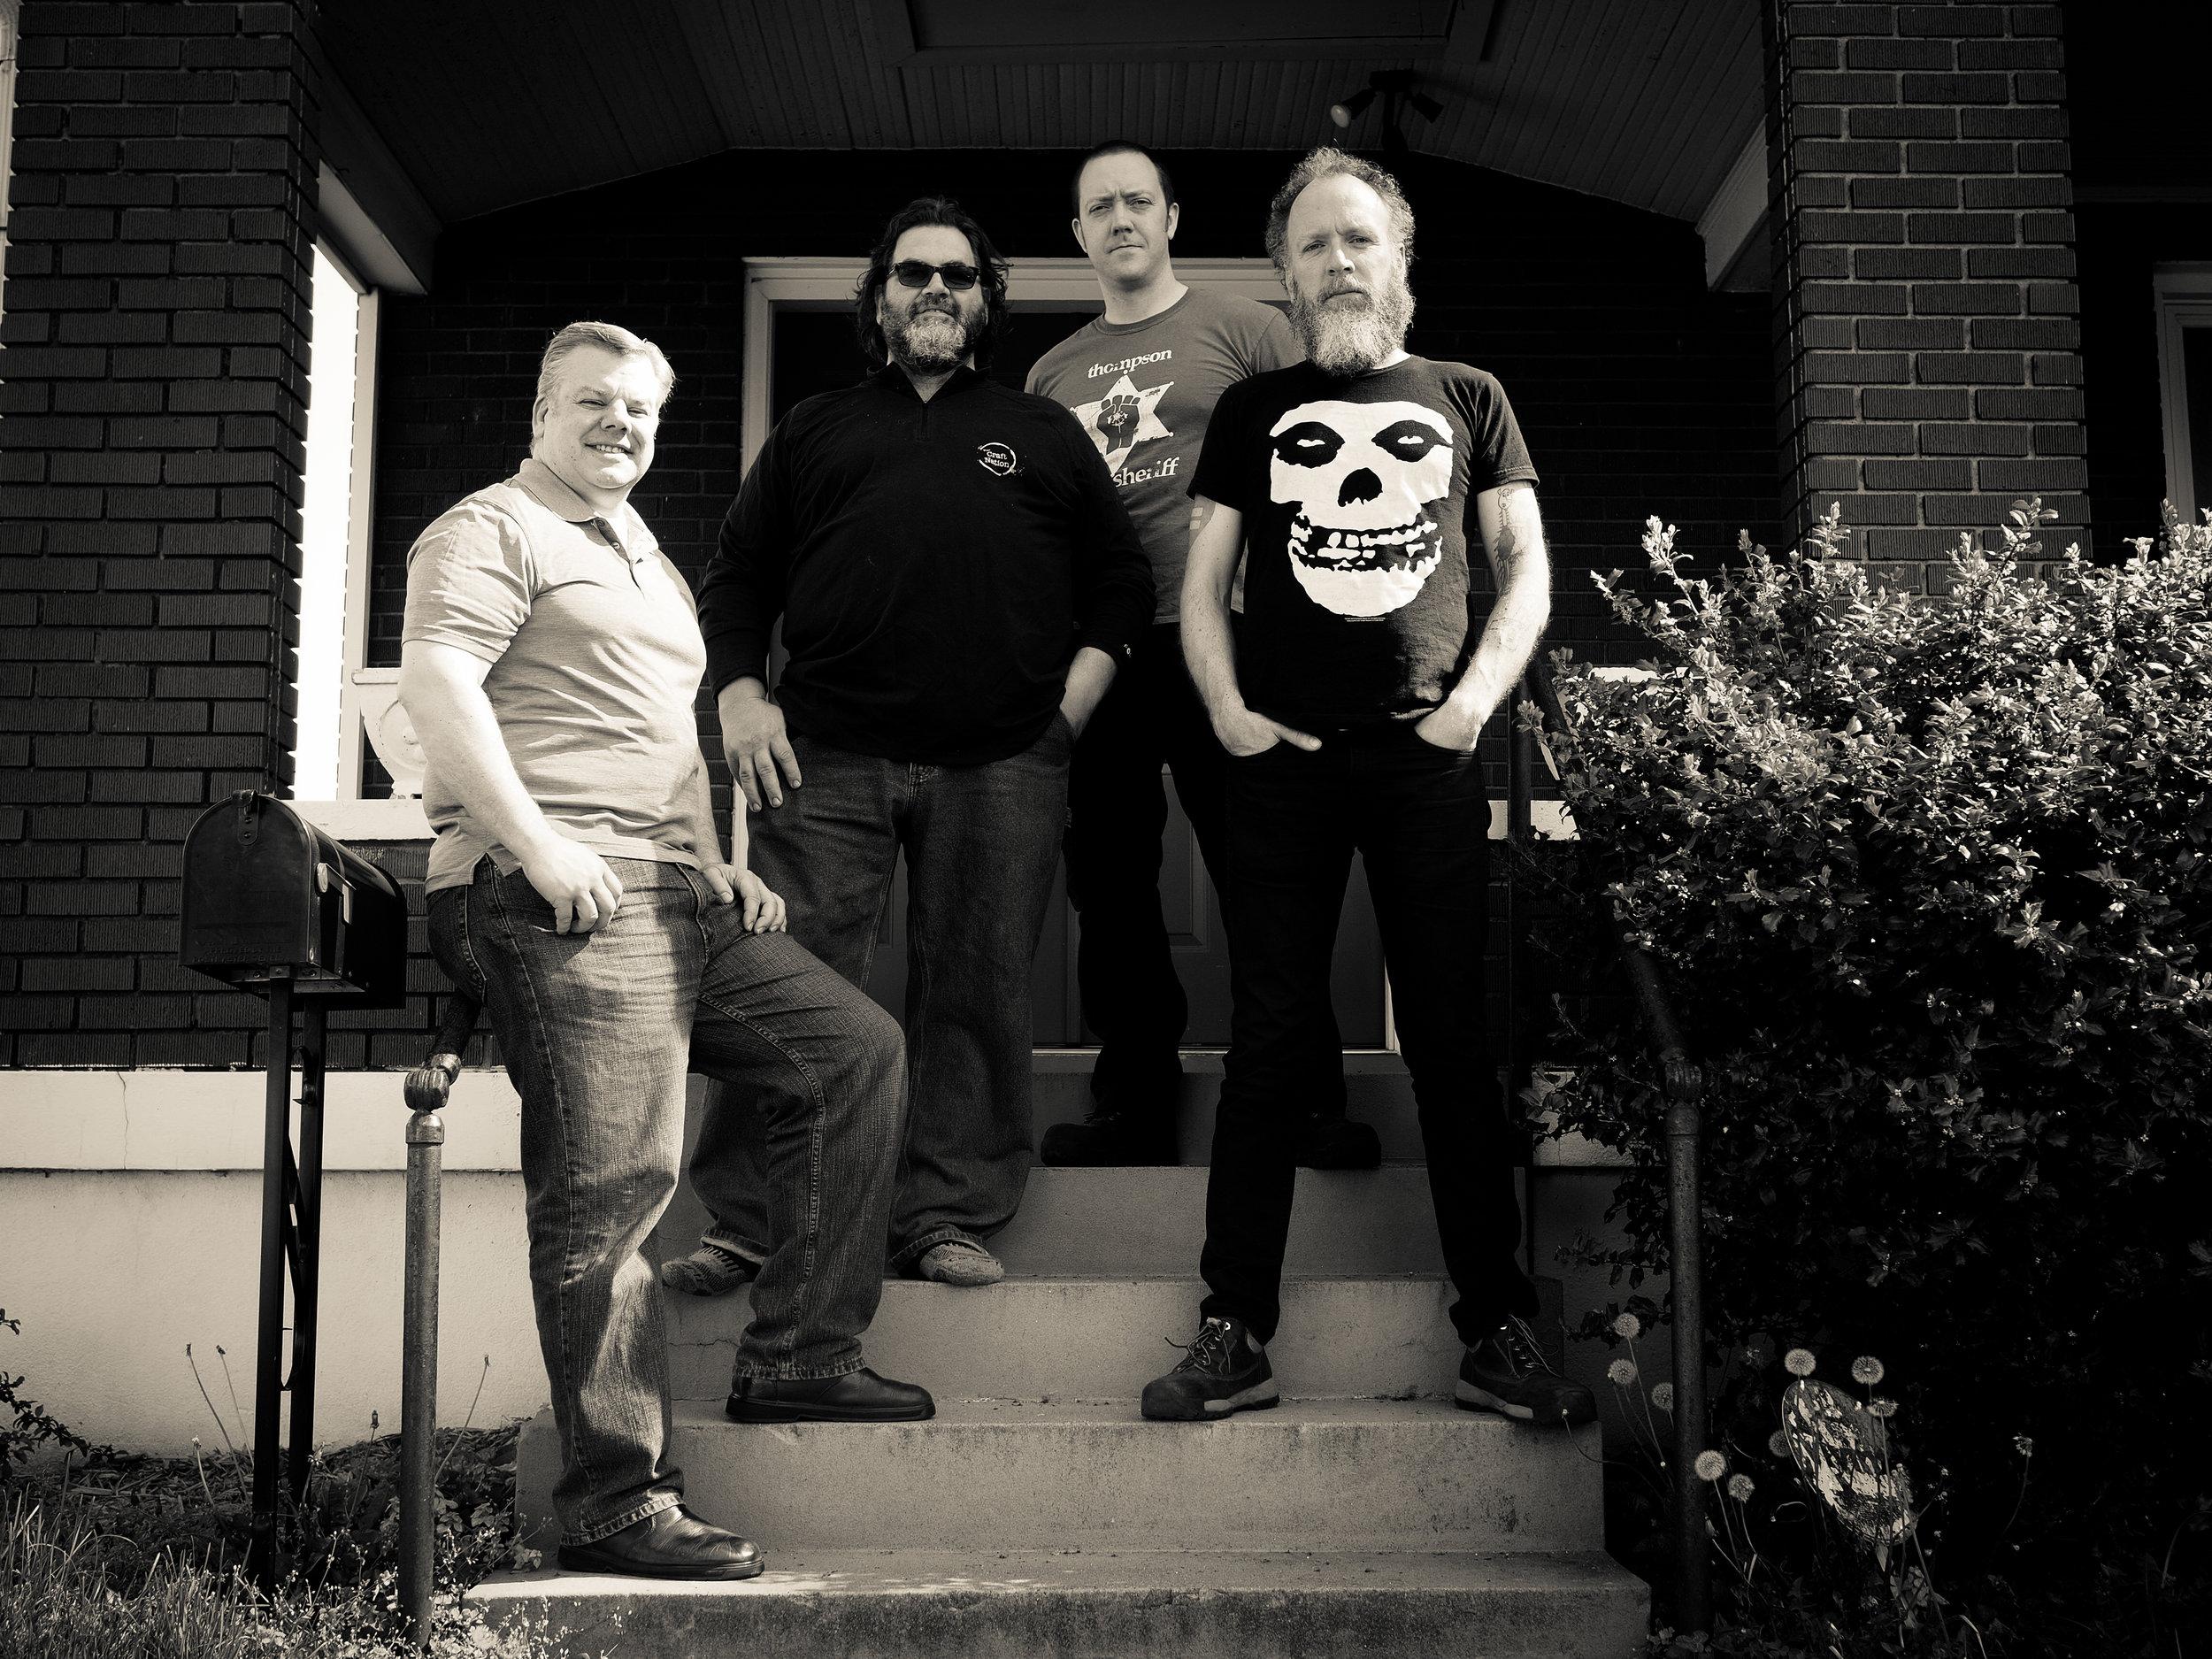 (l-r) Jeff Hage, Fred Bueltmann, Kyle Bice, Seth Thompson